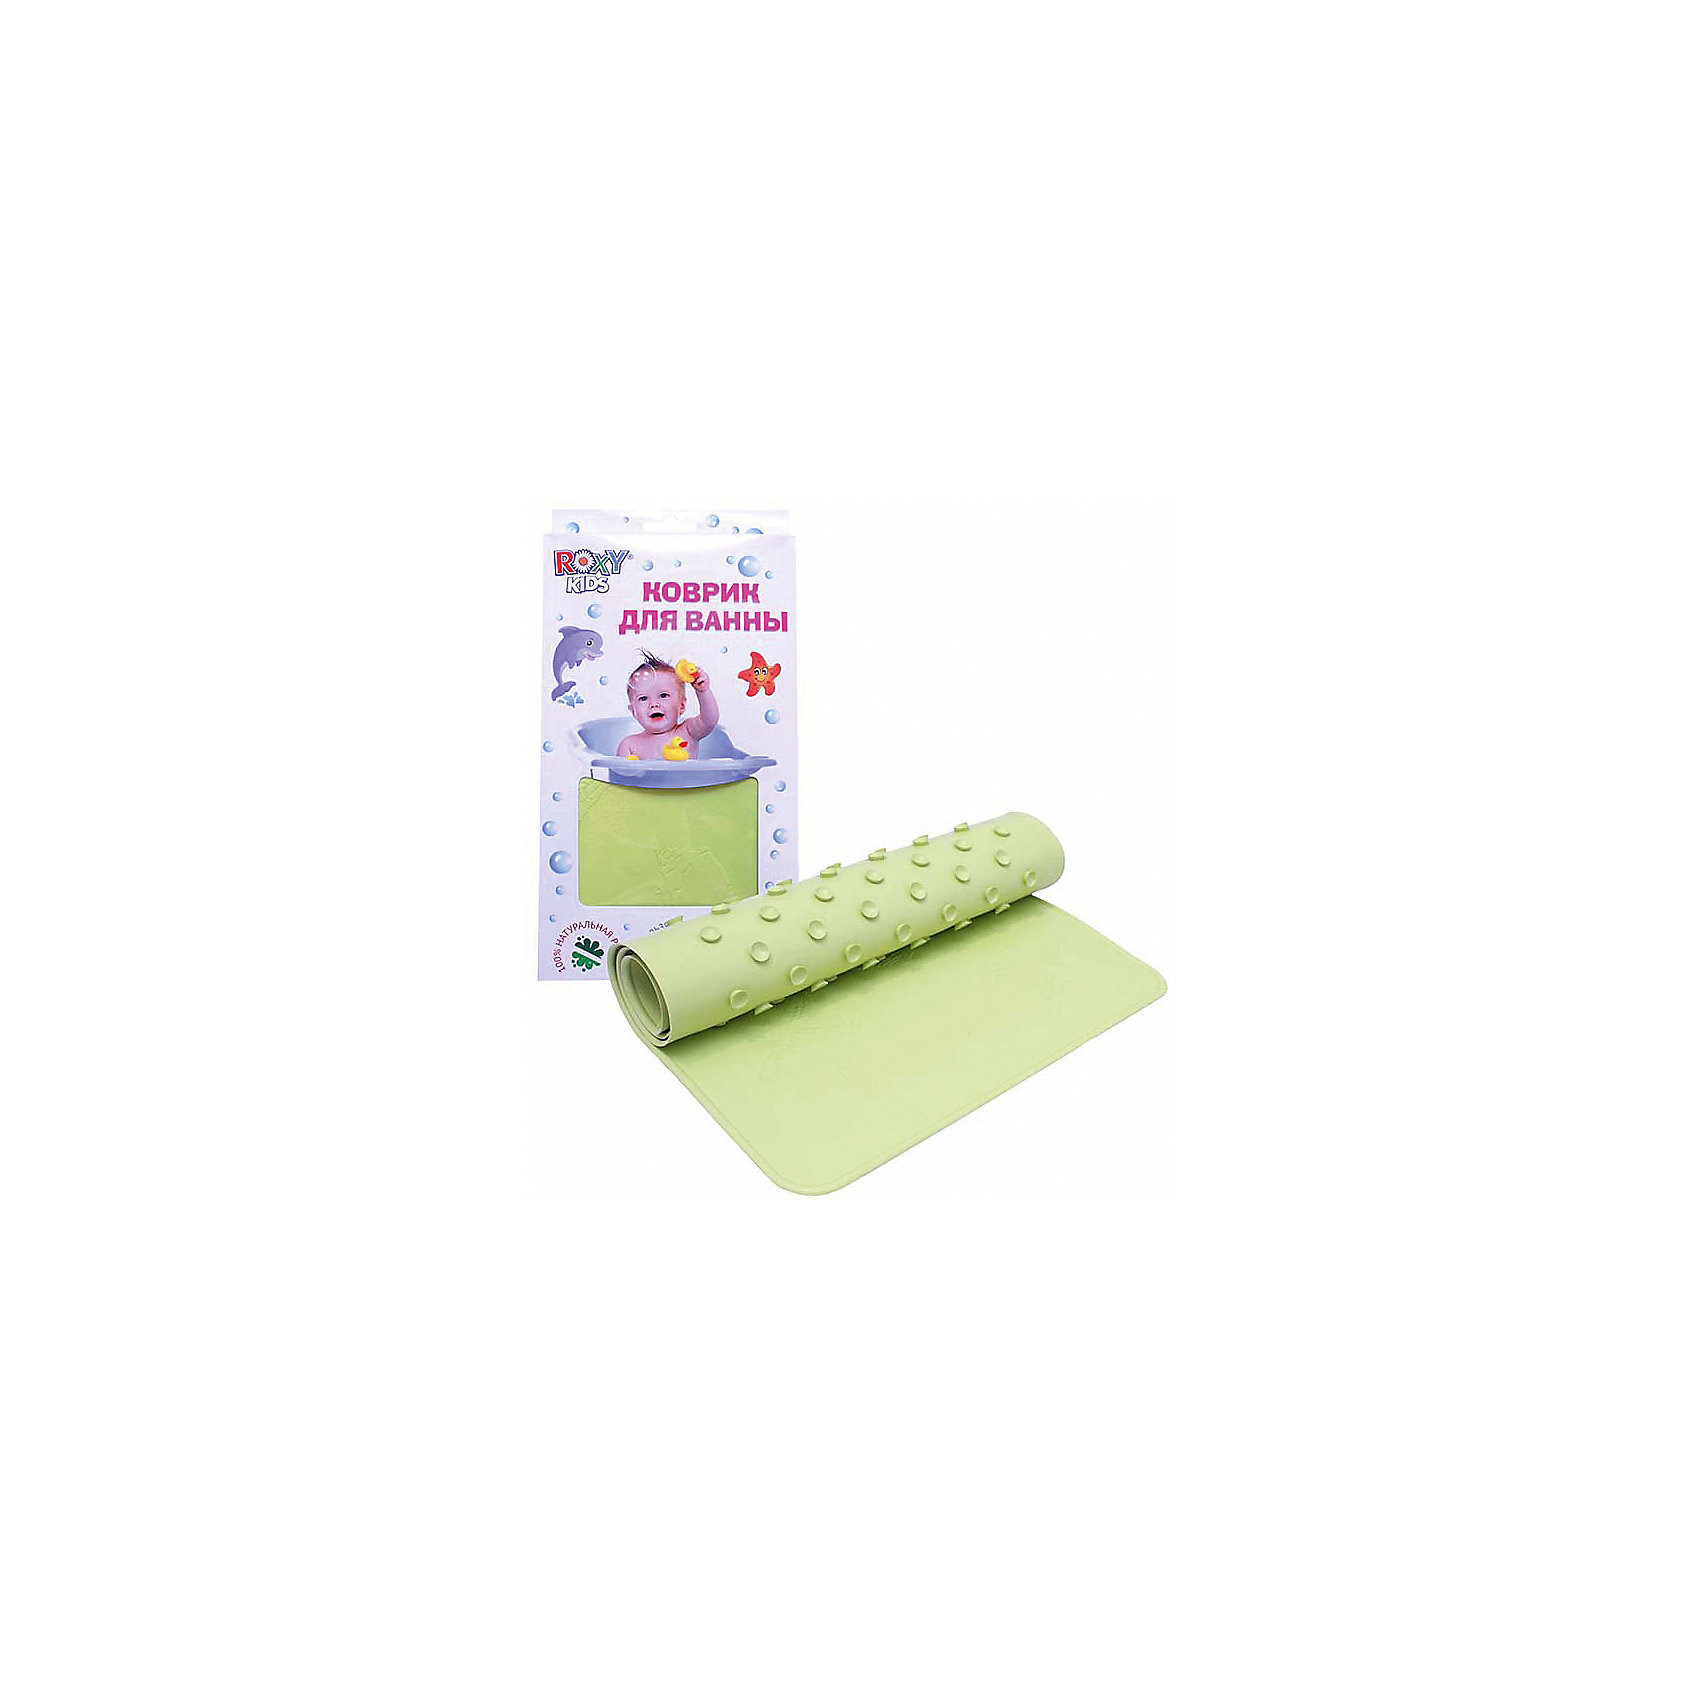 Антискользящий коврик для ванной, Roxy-Kids, салатовый